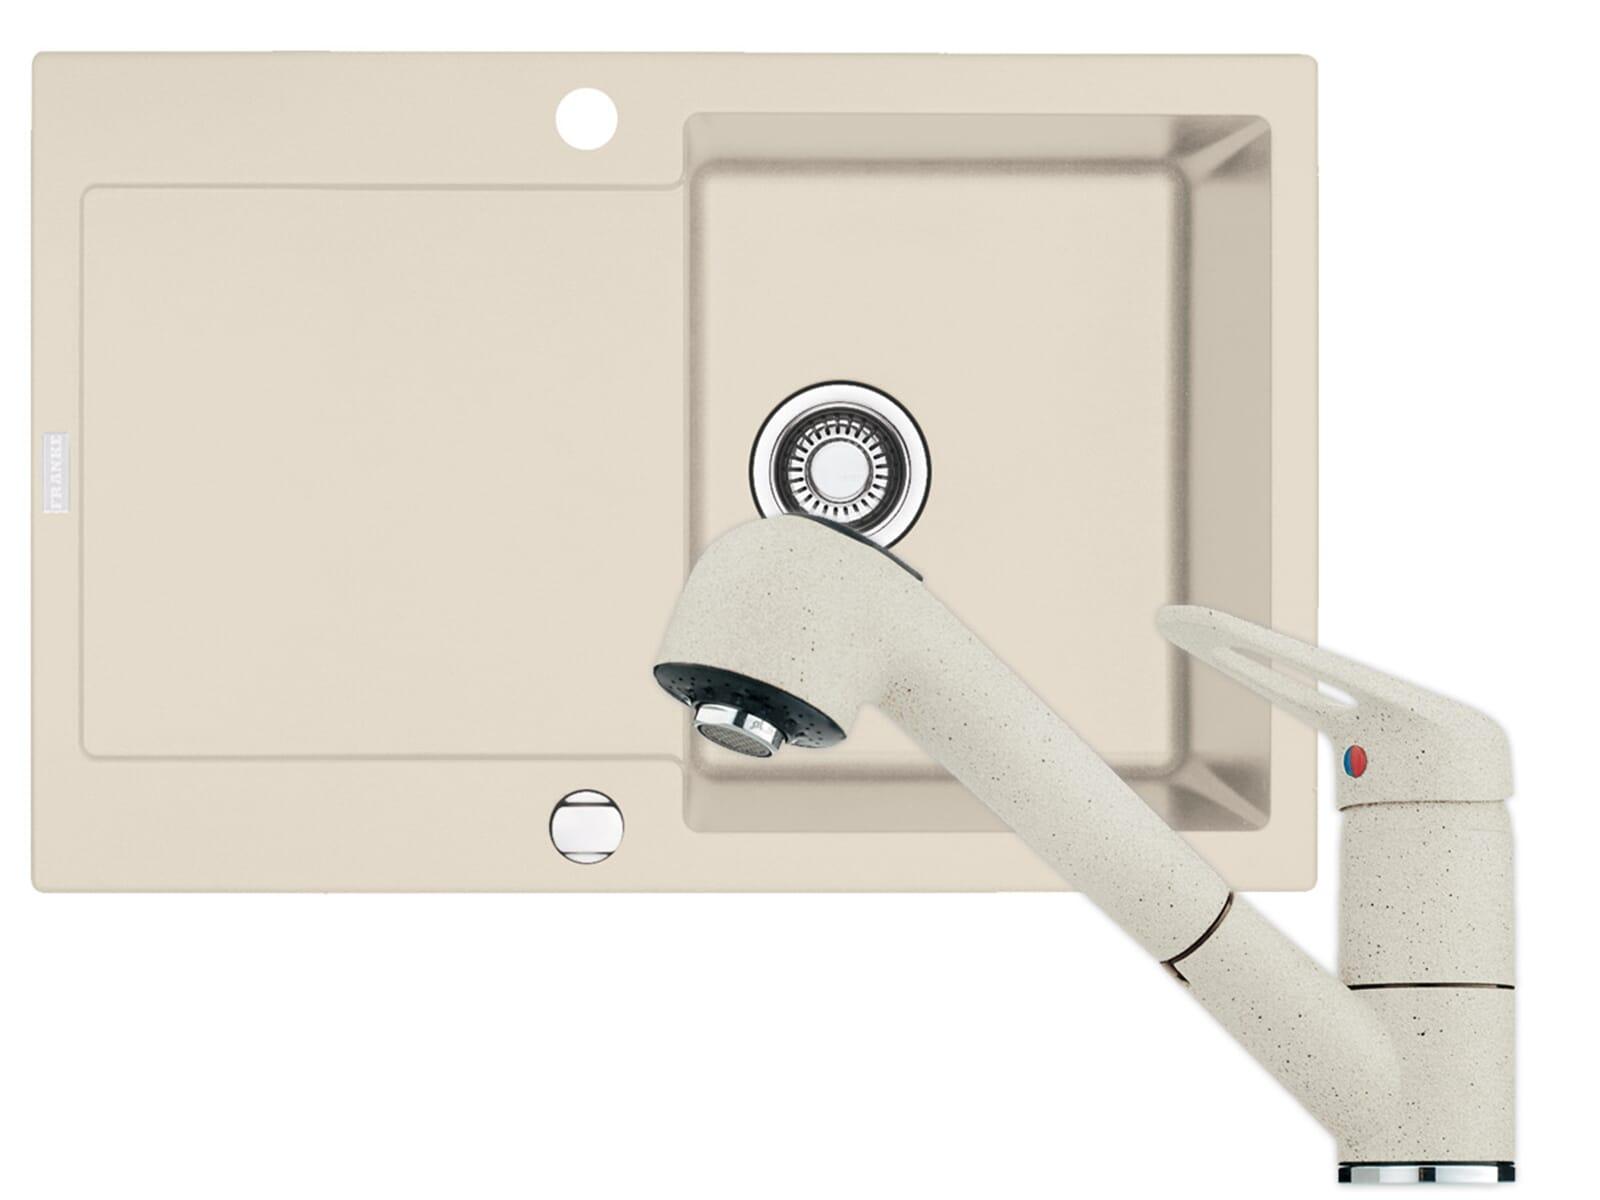 franke maris mrg 611 fragranit sp le armatur 740 sahara. Black Bedroom Furniture Sets. Home Design Ideas